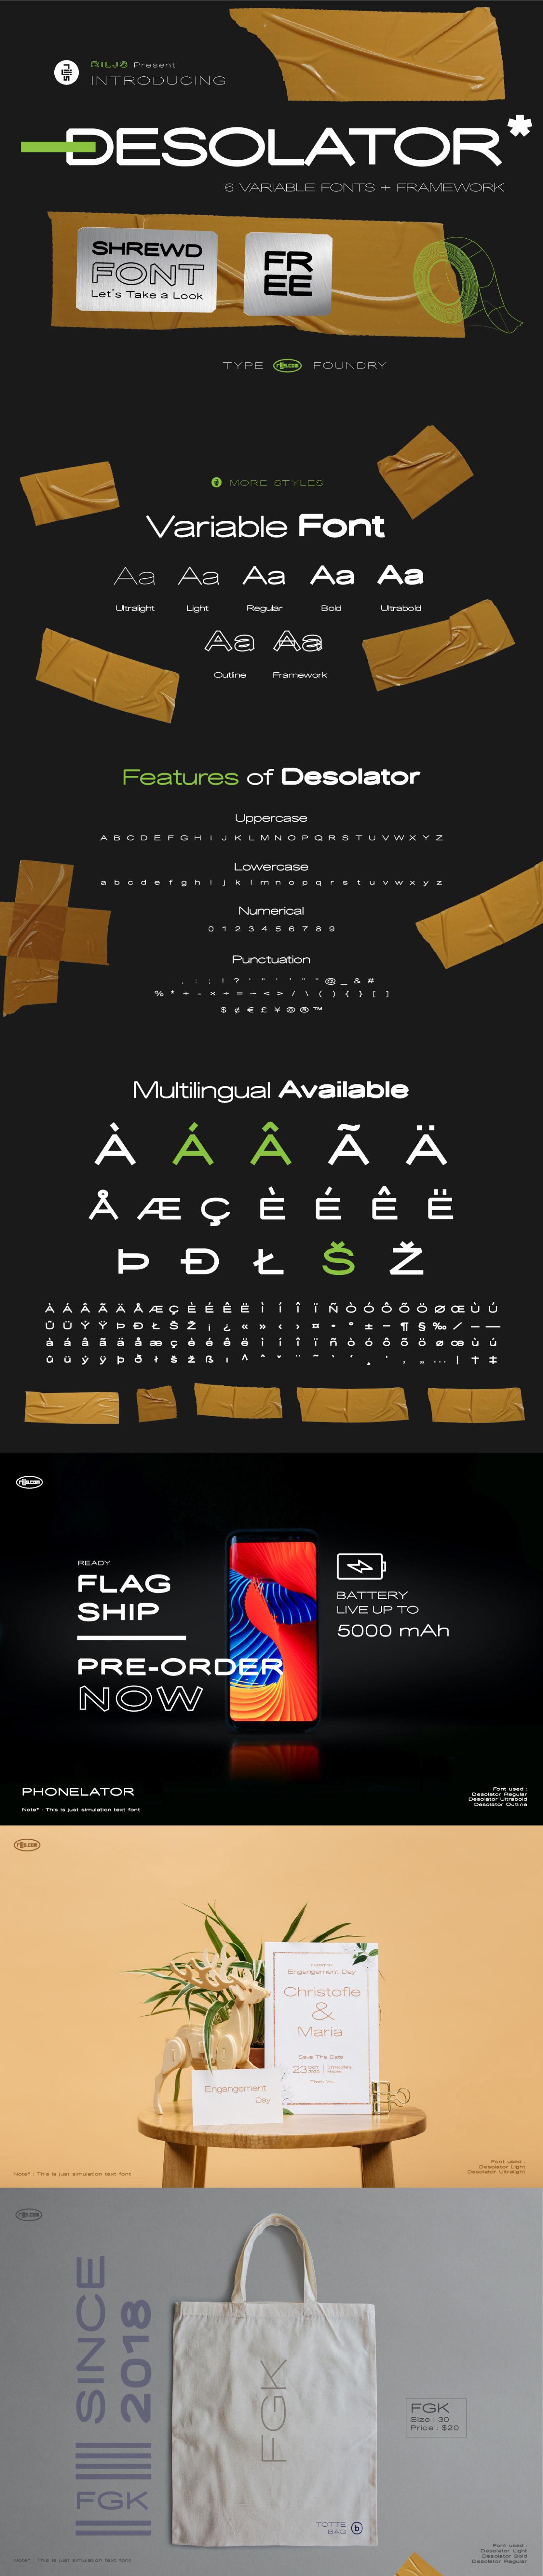 现代优雅无衬线英文字体下载 Desolator Font插图